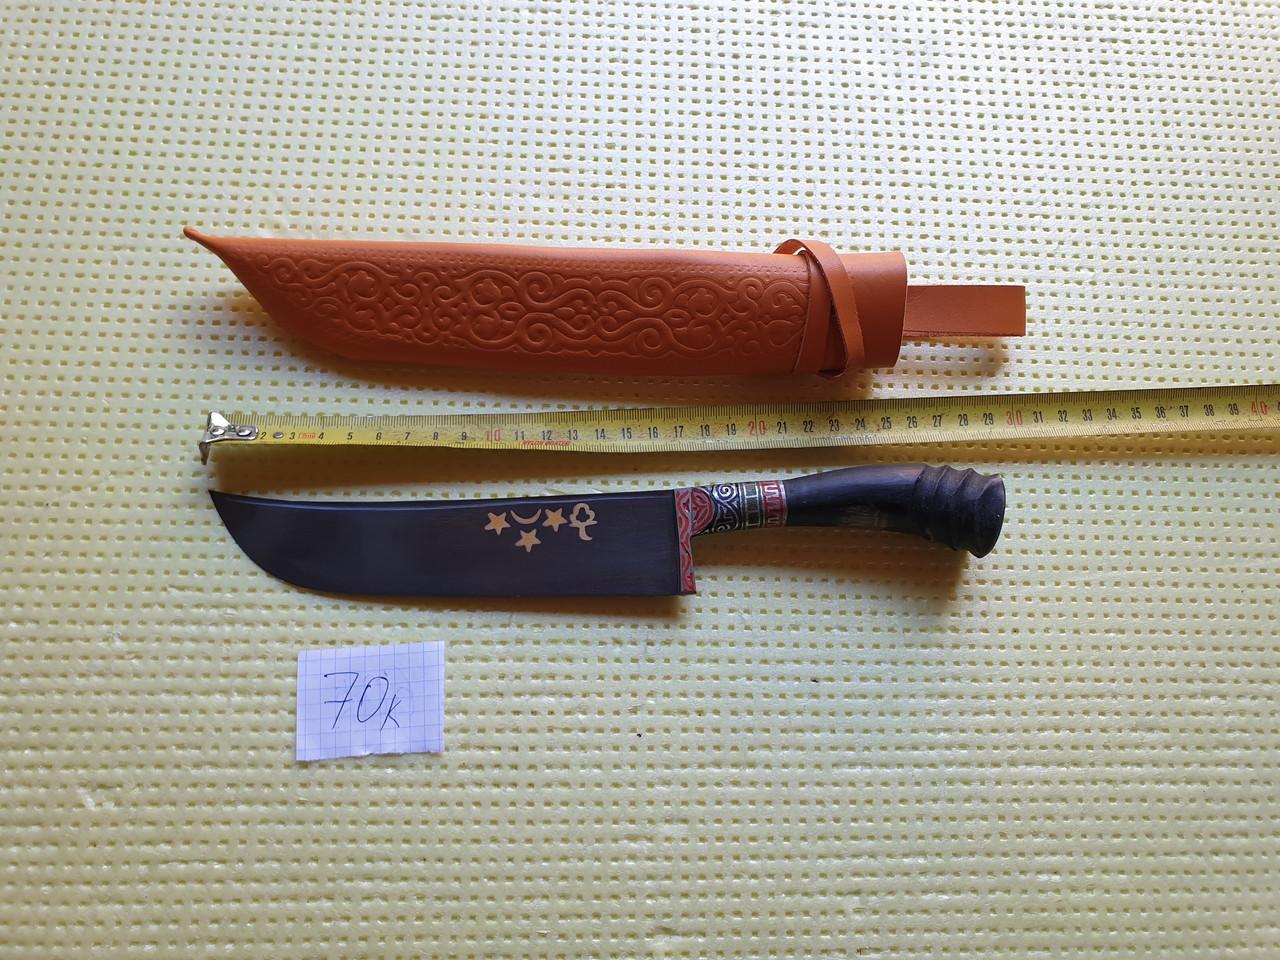 Нож узбекский (пичок) пчак. Большой нож шеф.